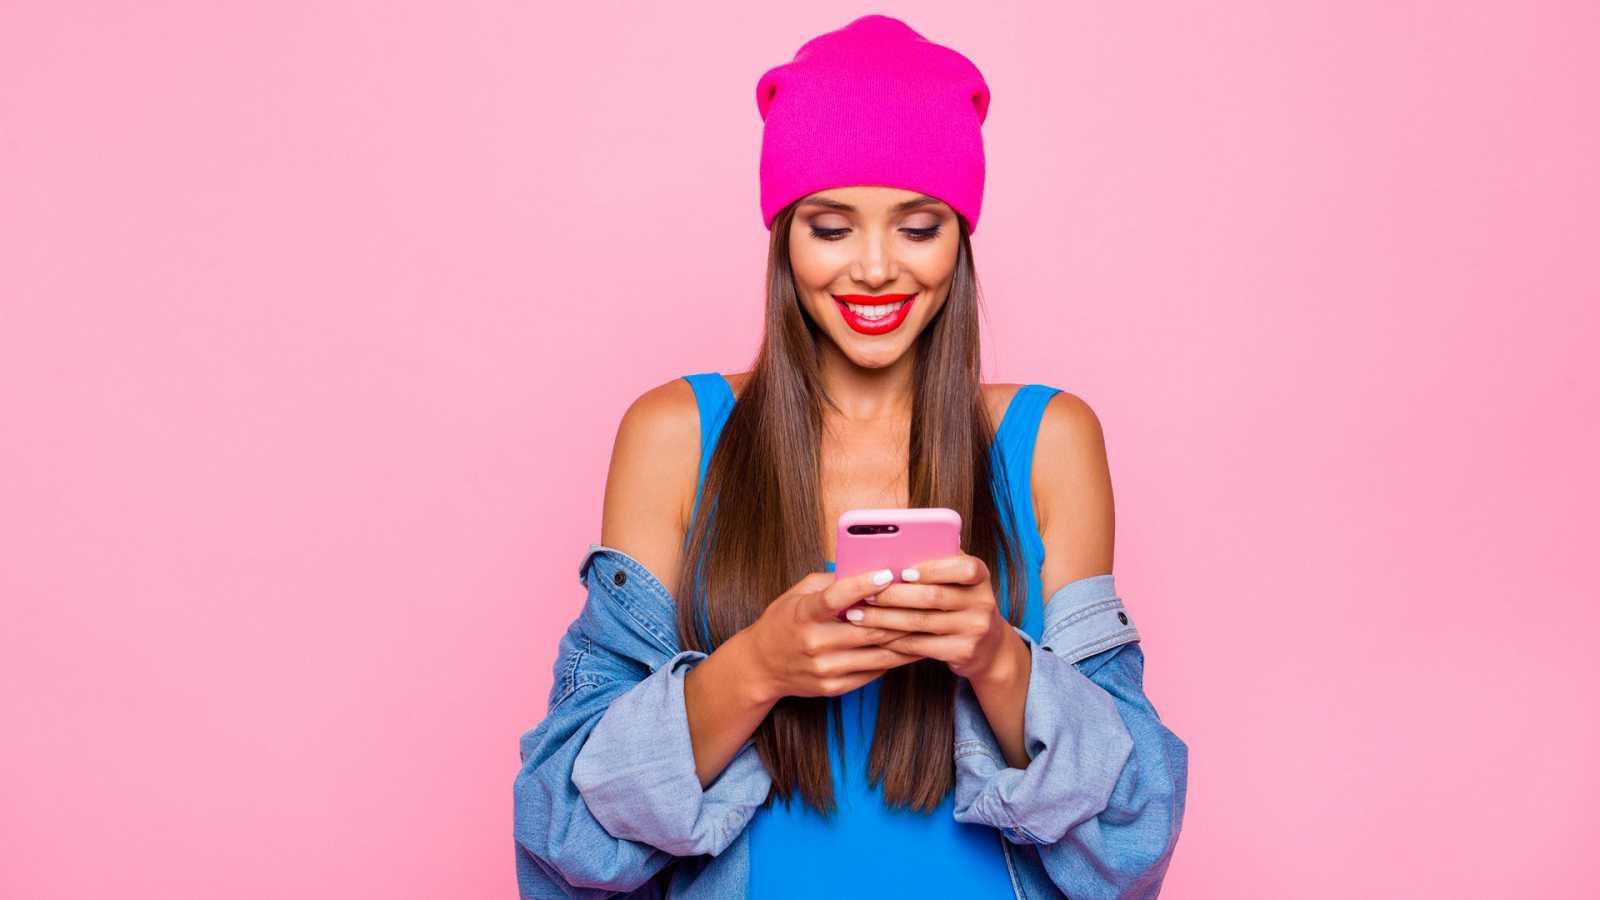 Marca tendencia - Marketing de influencia: un mercado que mueve millones en la moda online - Escuchar ahora